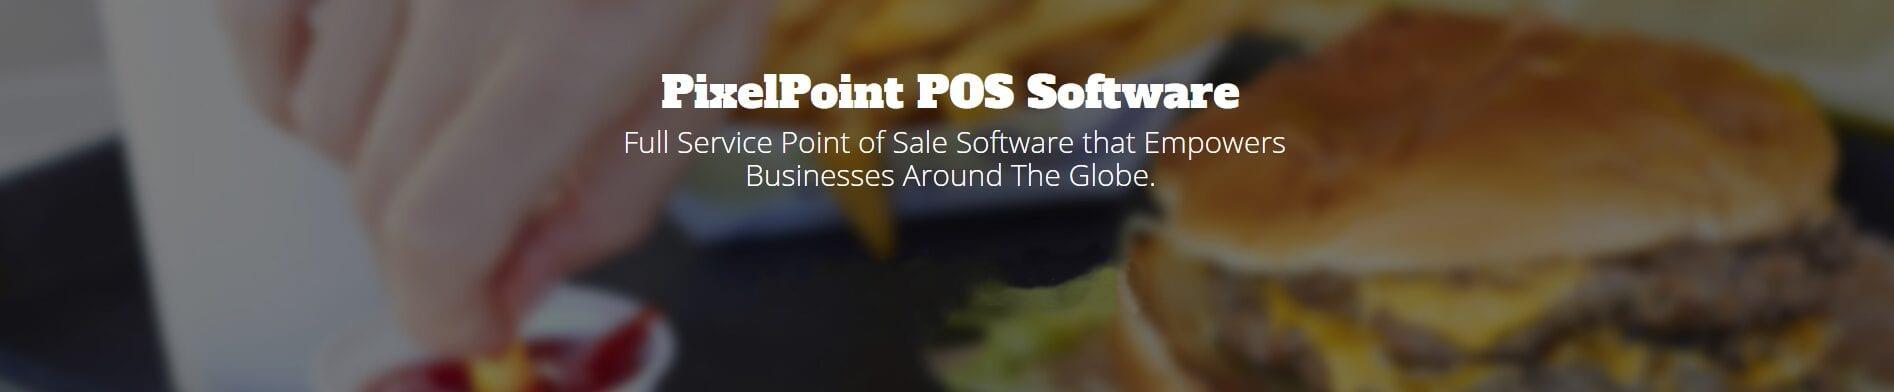 PAR PixelPoint POS Software